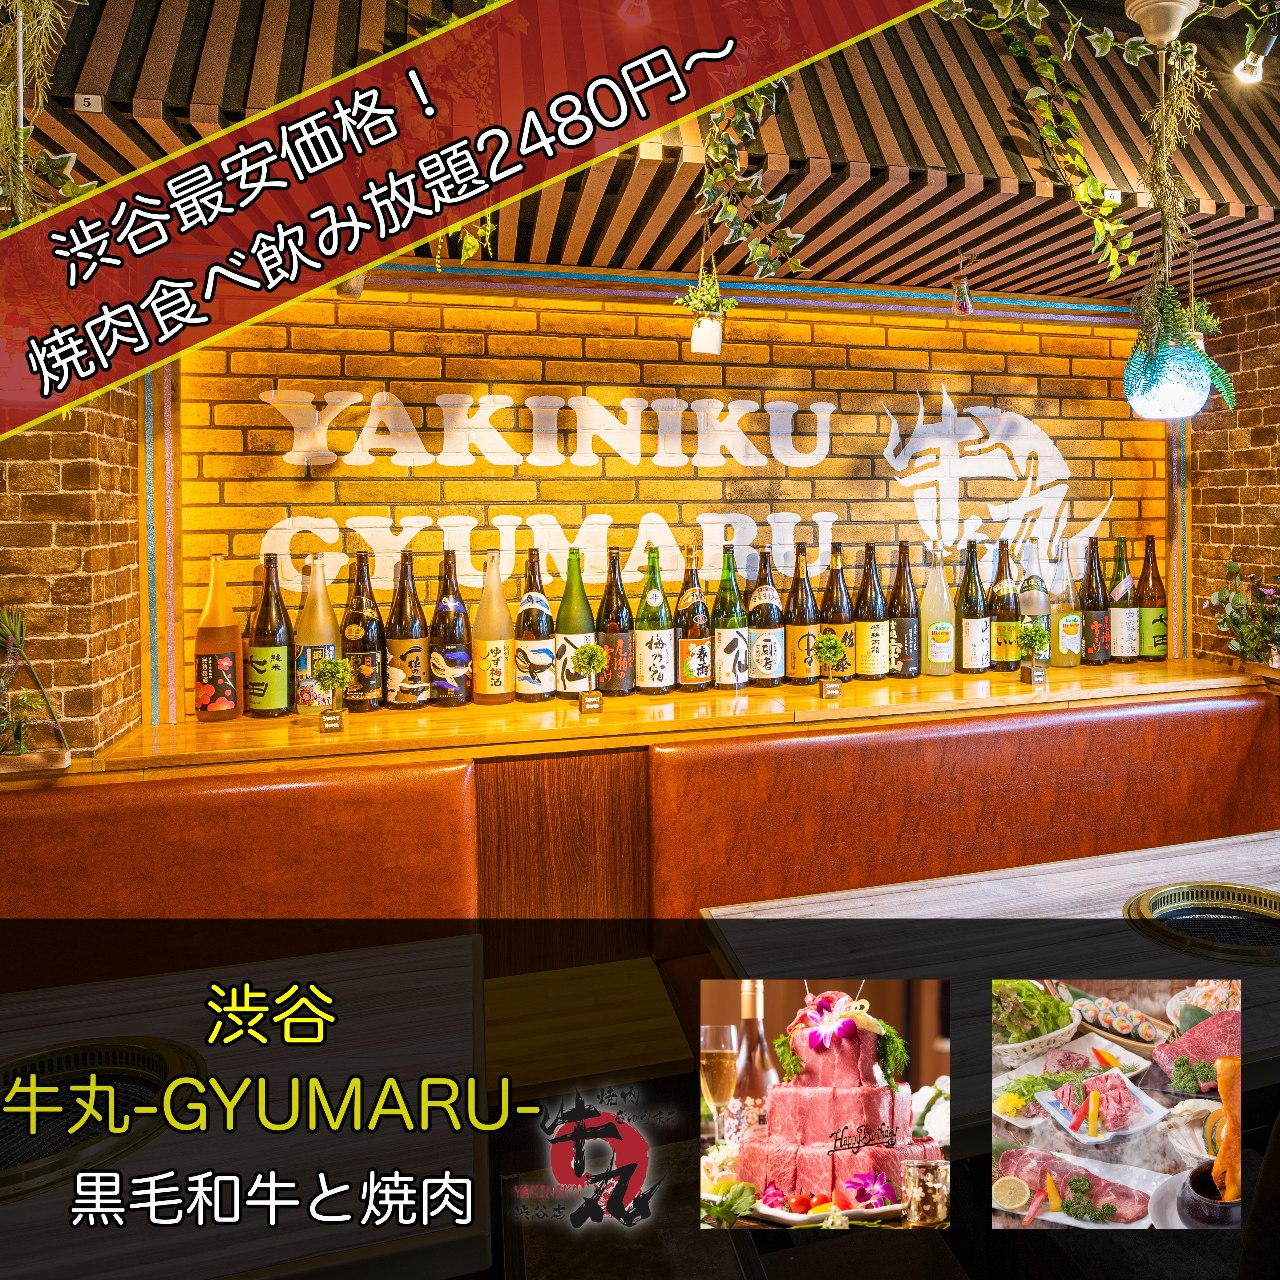 黒毛和牛と焼肉食べ放題 牛丸 渋谷店